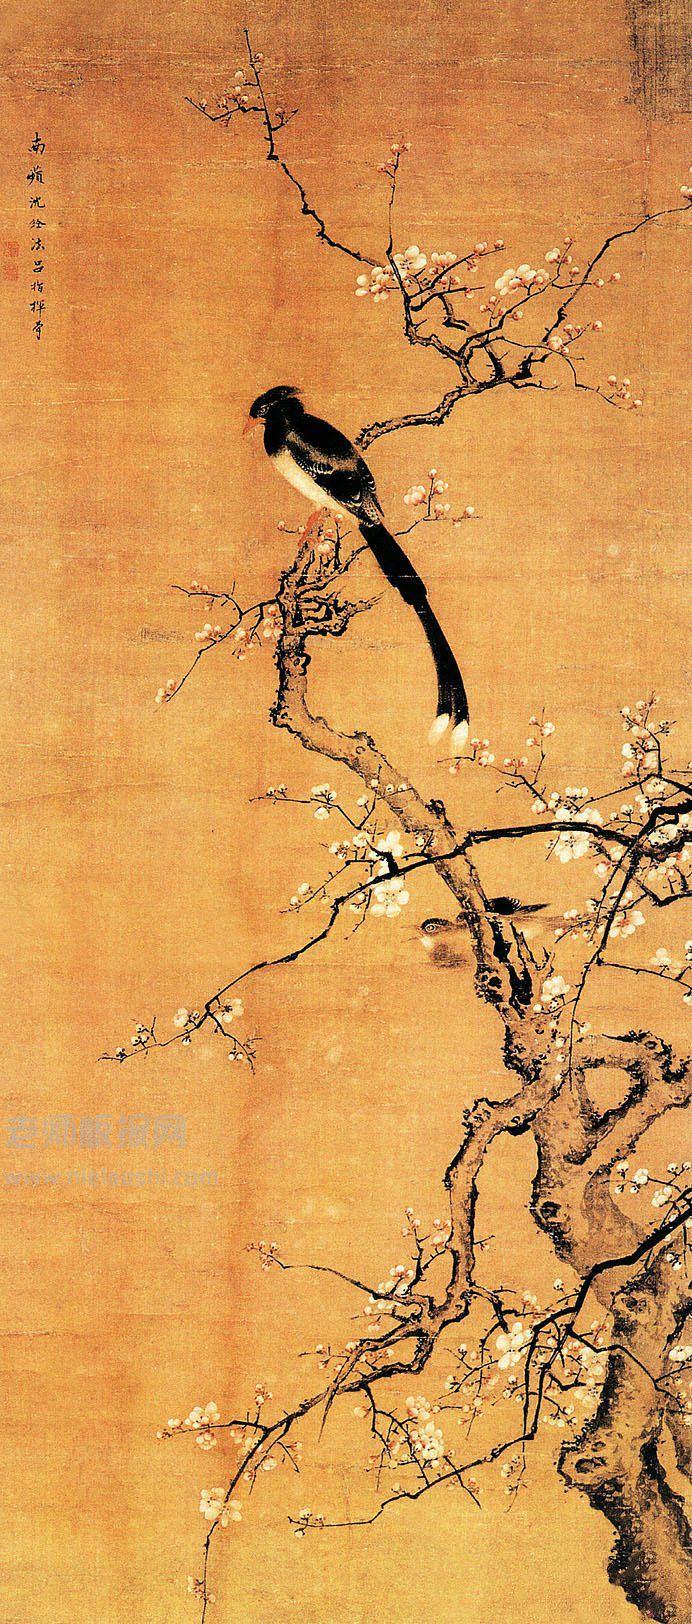 中国画 梅花喜上枝头